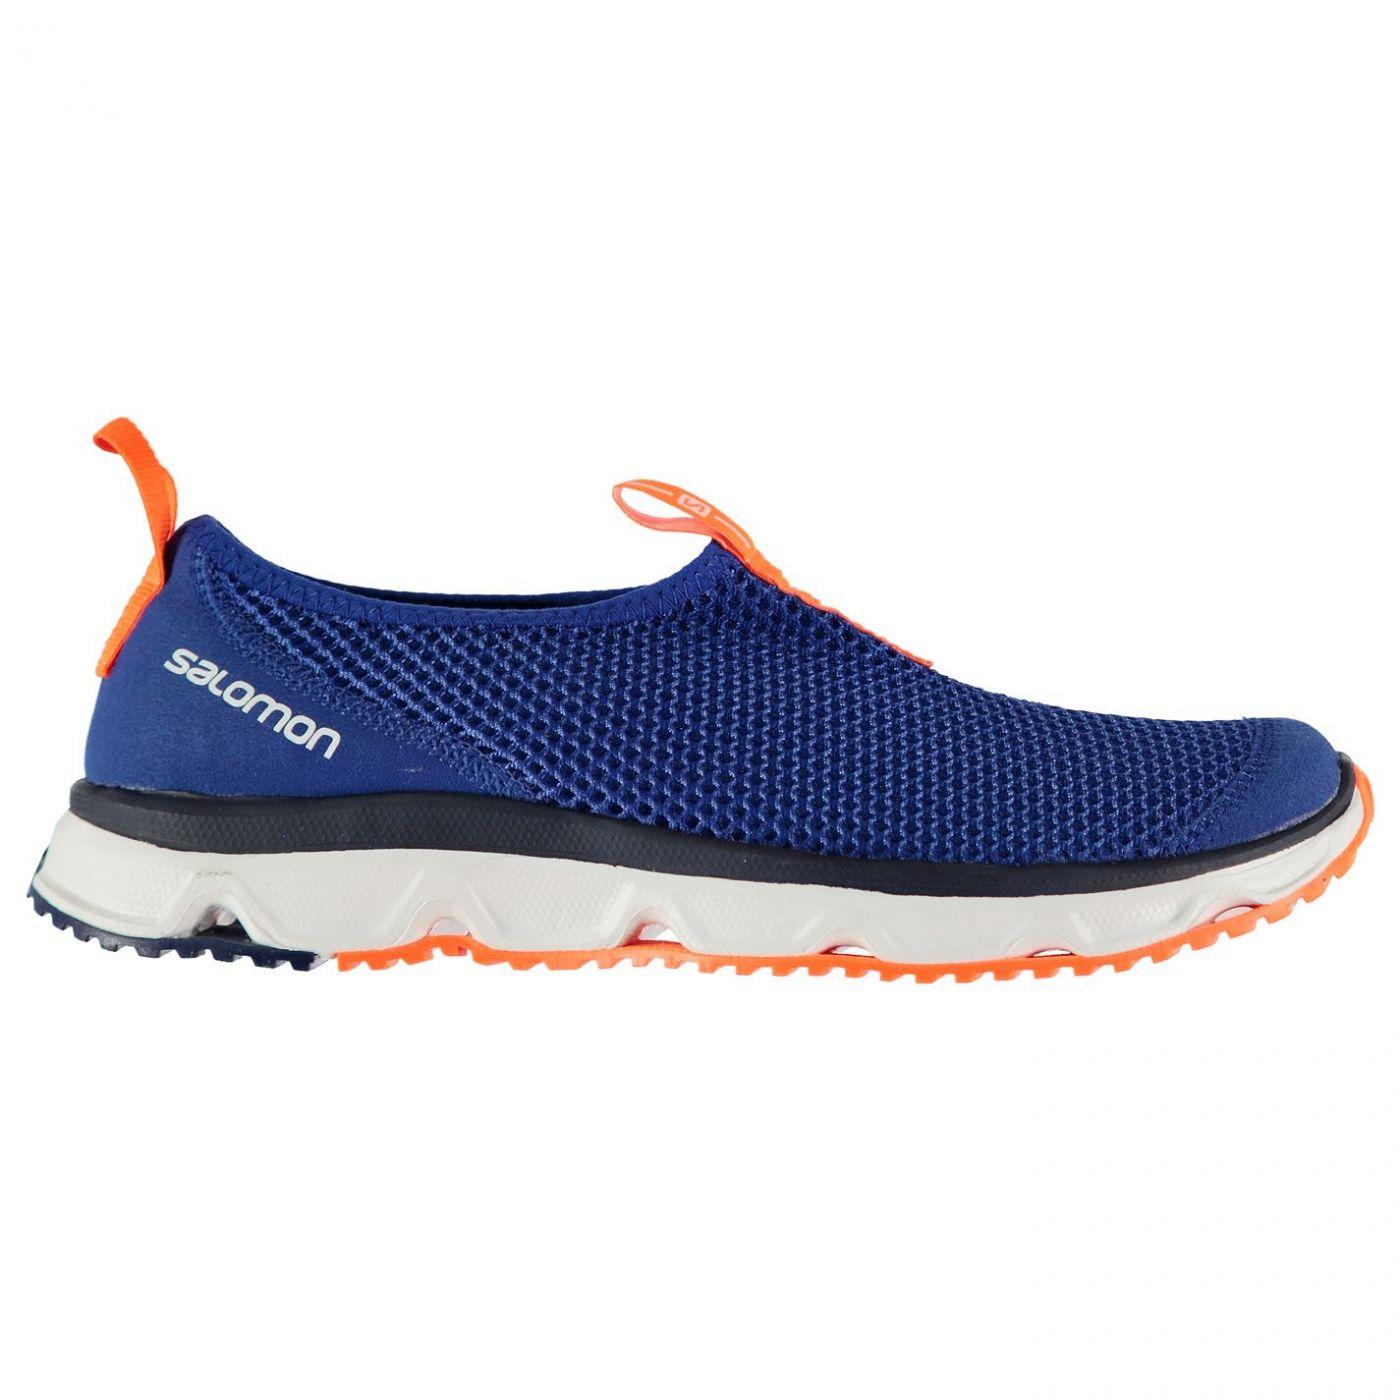 Salomon RX MOC 3.0 Mens Sandals